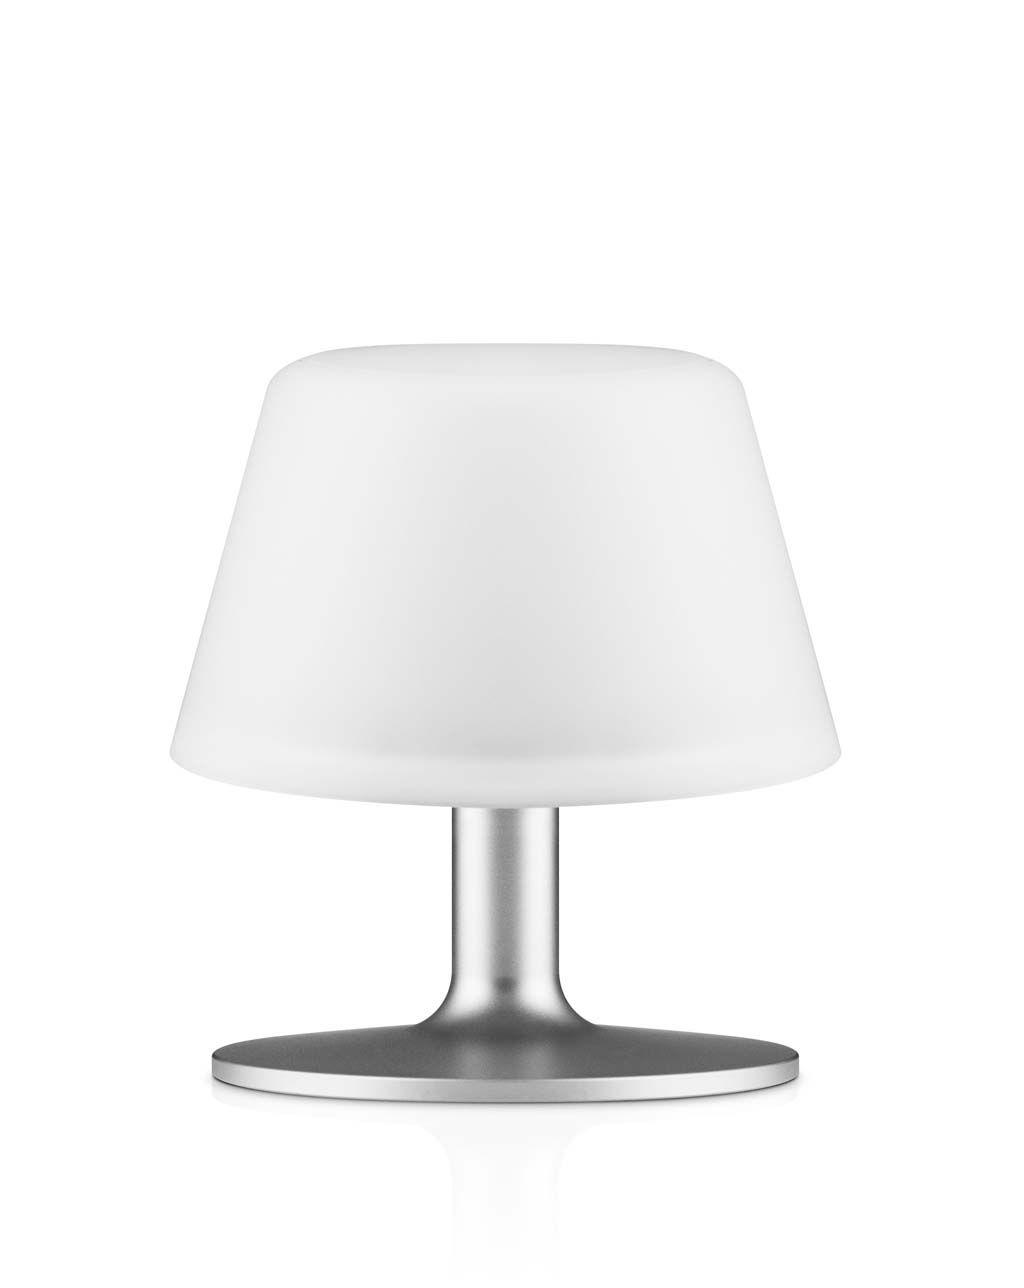 Design led lampen ichliebedesign wohnaccessoires pinterest design led lampen ichliebedesign parisarafo Images